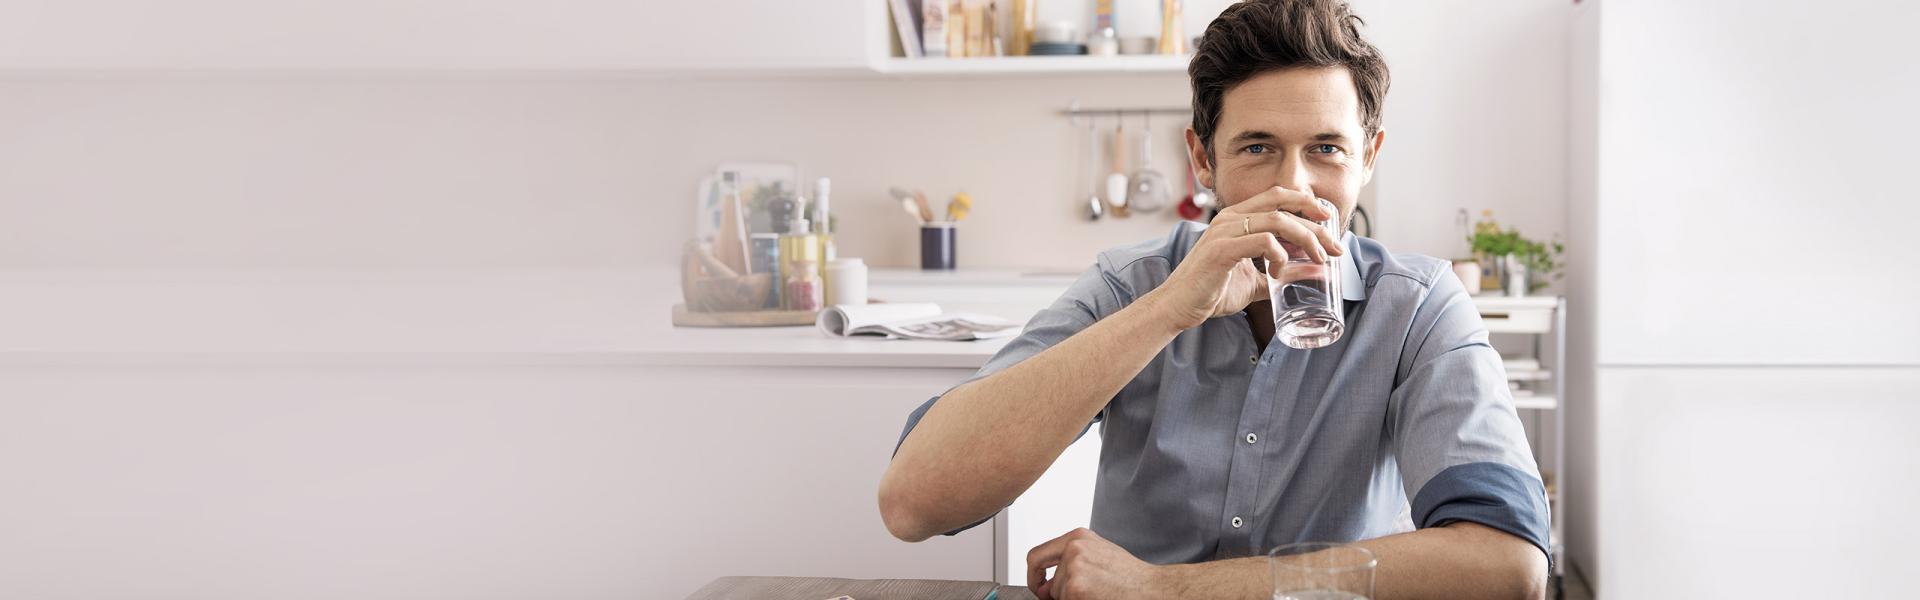 Man drinking water in kitchen